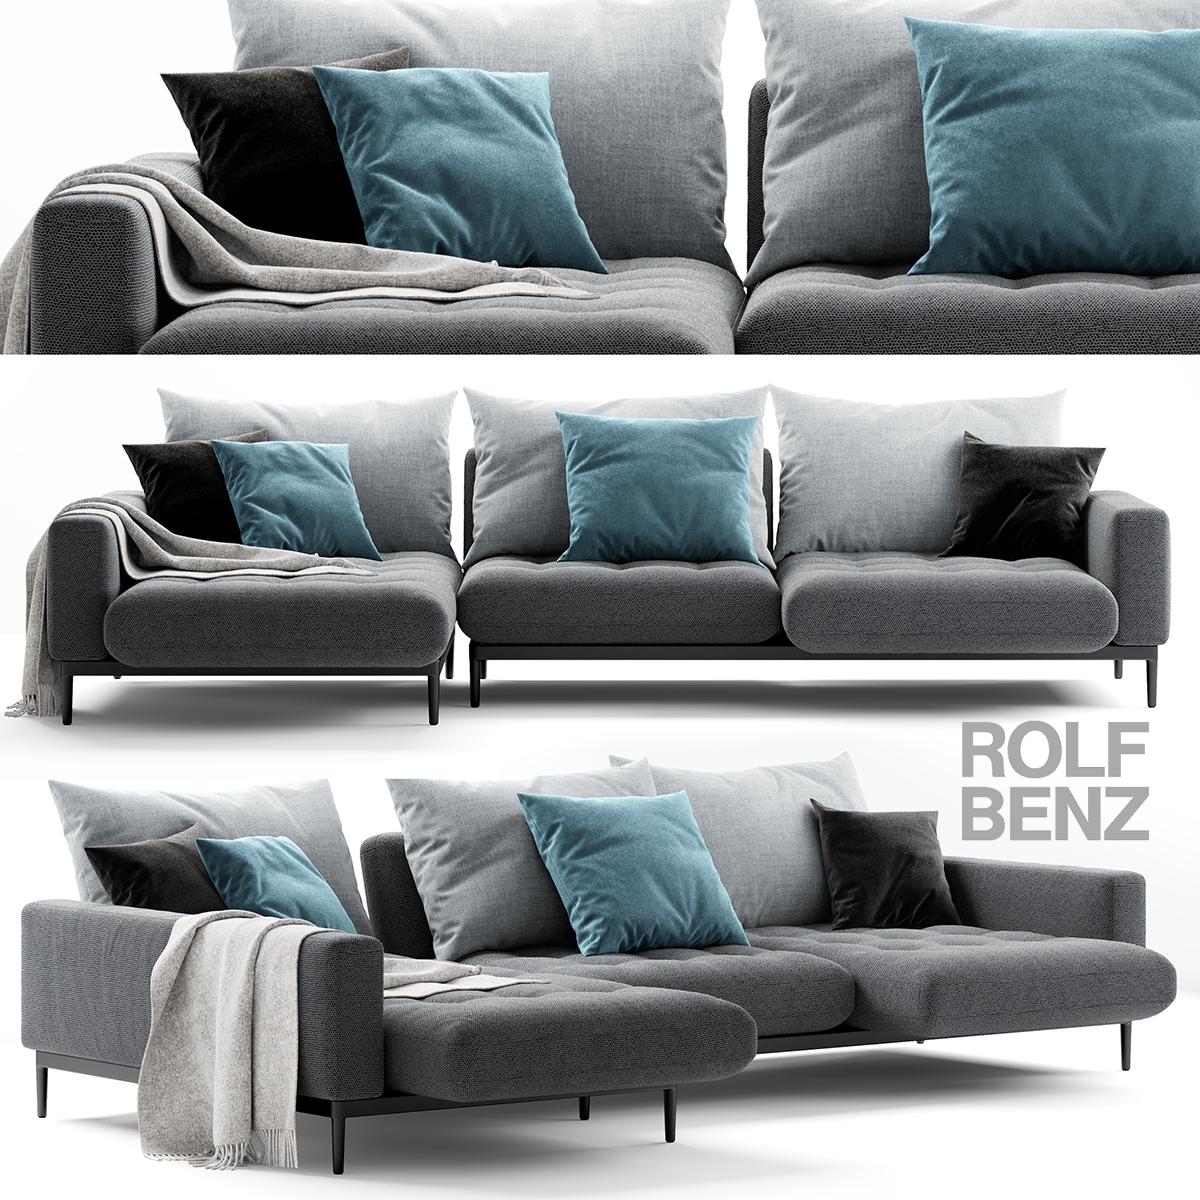 Full Size of Rolf Benz Sofa Kosten Furniture Freistil 180 Couch Gebraucht Preisliste Leder Preis Ebay 185 Kaufen Leather 134 Schweiz Bed Preisvergleich Tira Zusammensetzung Sofa Rolf Benz Sofa